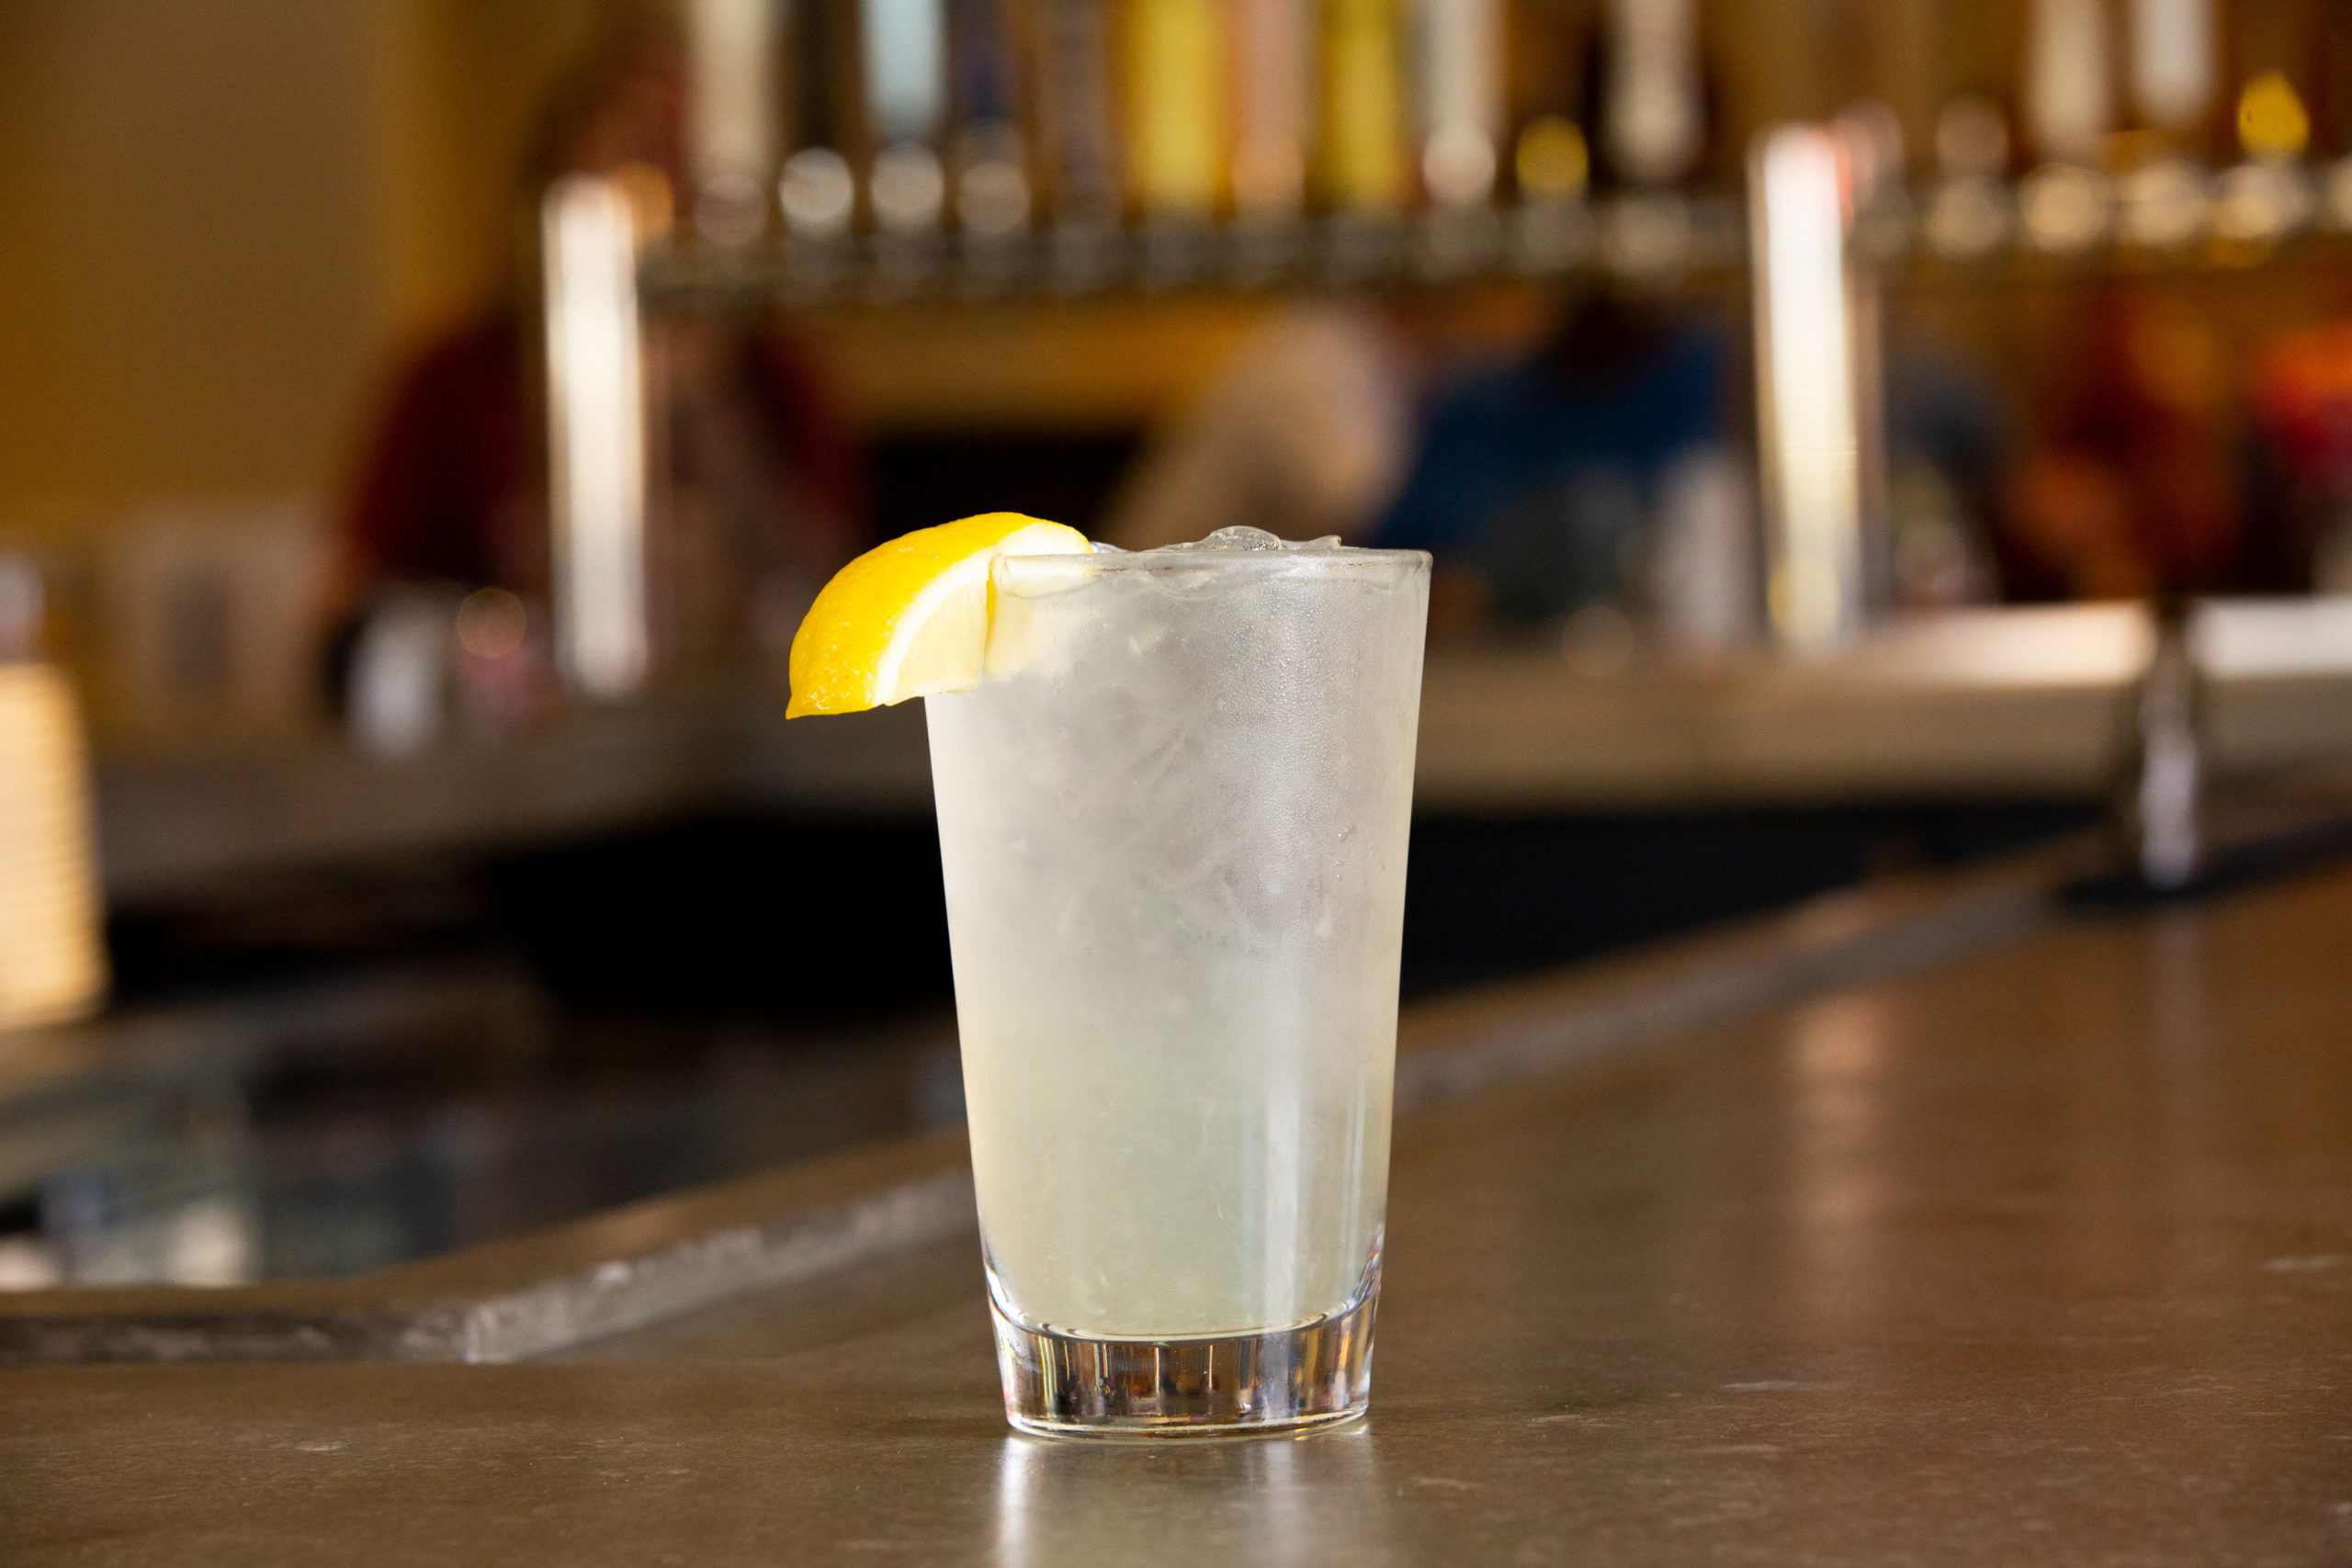 Lemonade in glass with lemon slice